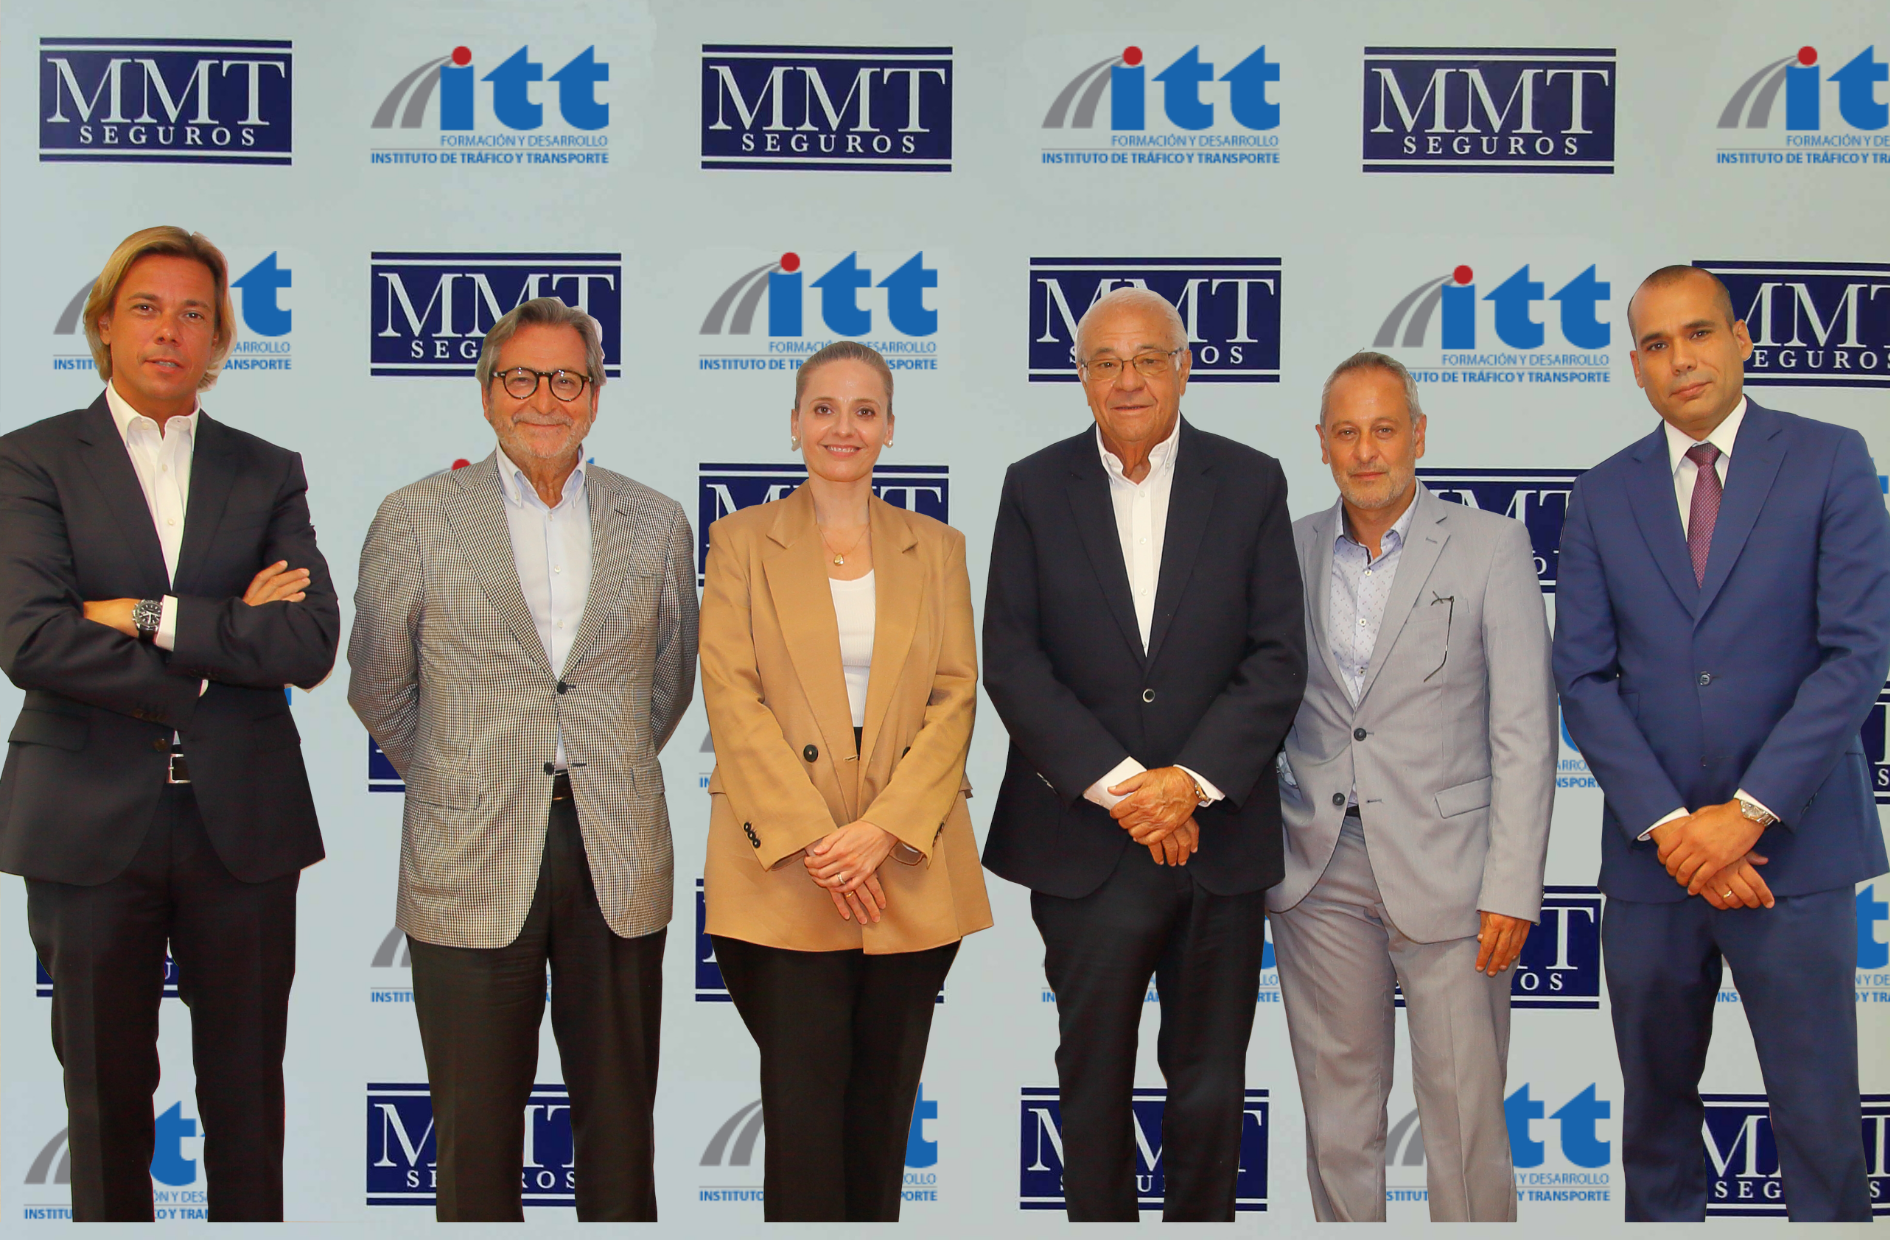 Mutua MMT Seguros y el Instituto de Tráfico y Transporte (ITT) firman un convenio de colaboración